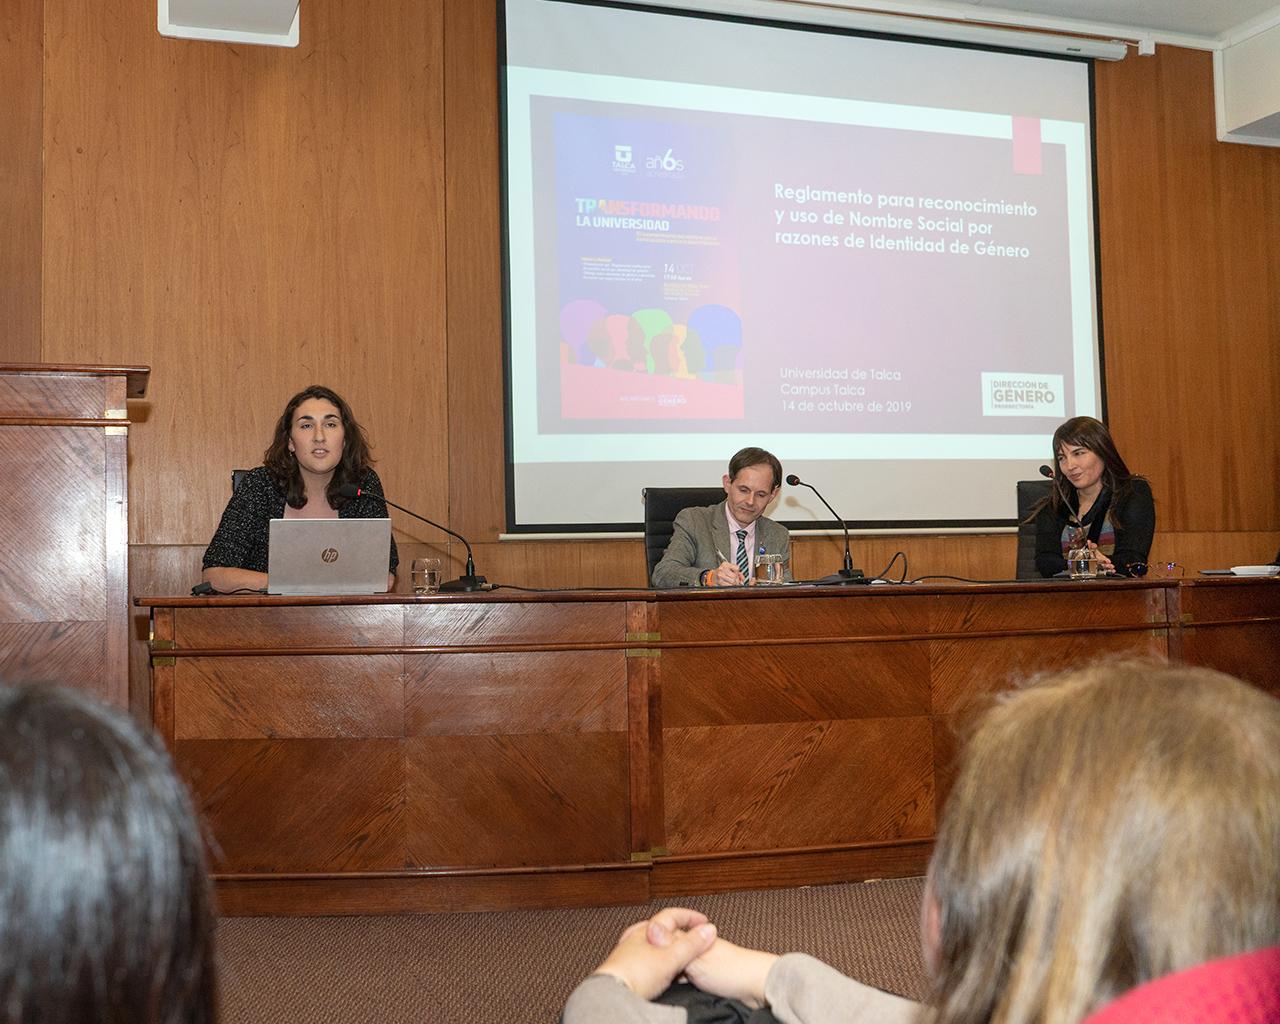 Destacan avances en identidad de género y derechos humanos